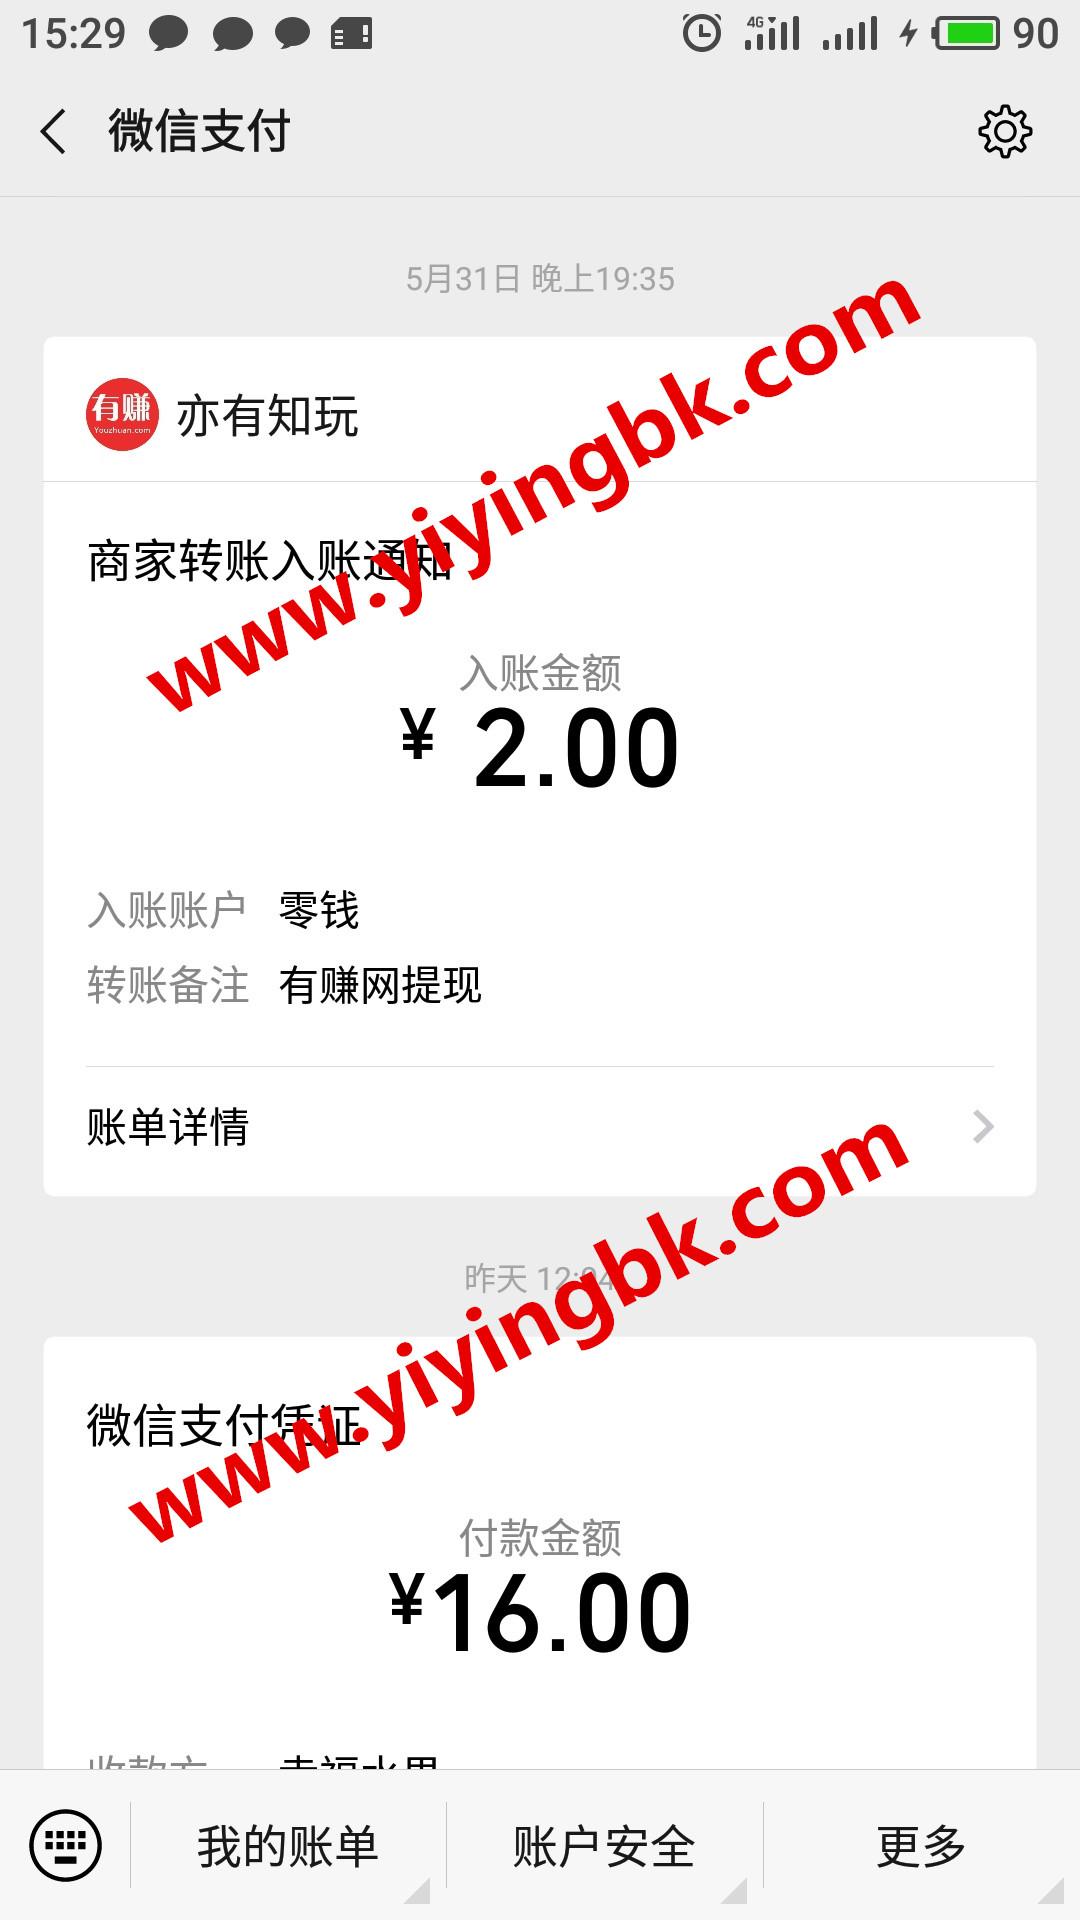 玩手游领红包赚零花钱,微信提现2元极速到账。www.yiyingbk.com